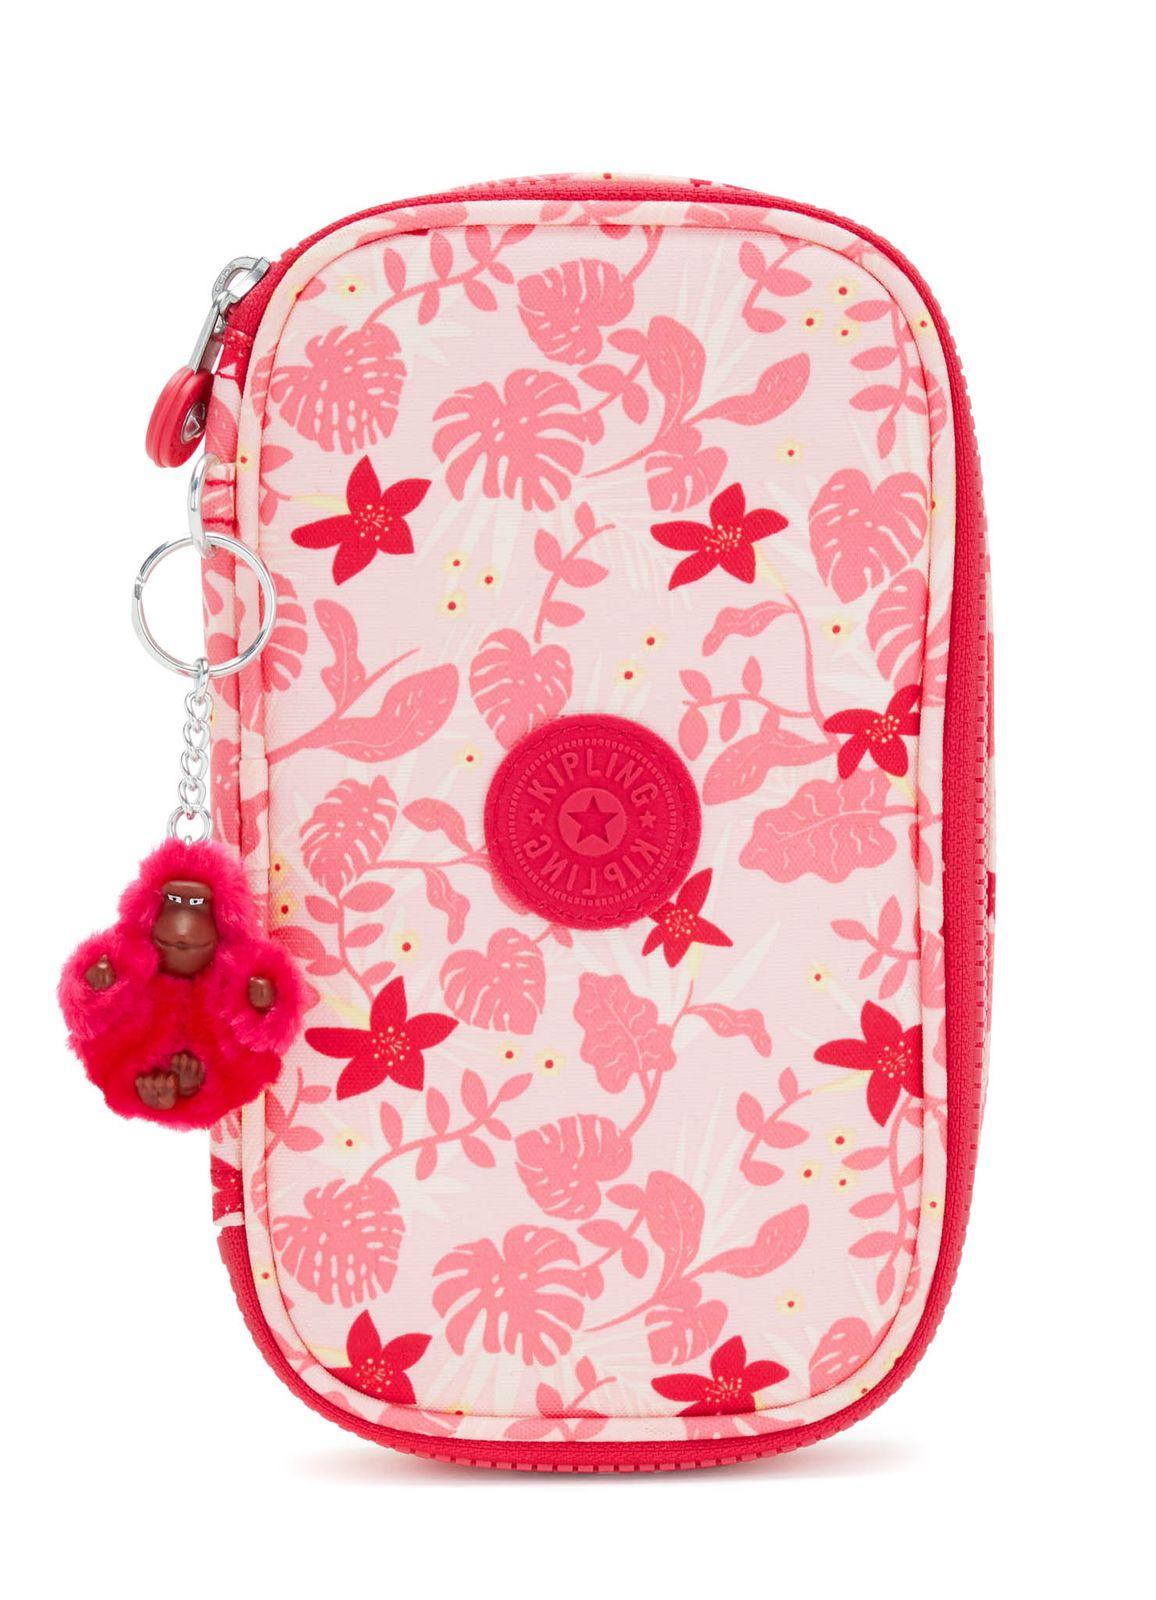 kipling Back To School 50 Pens Pencase M Pink Leaves